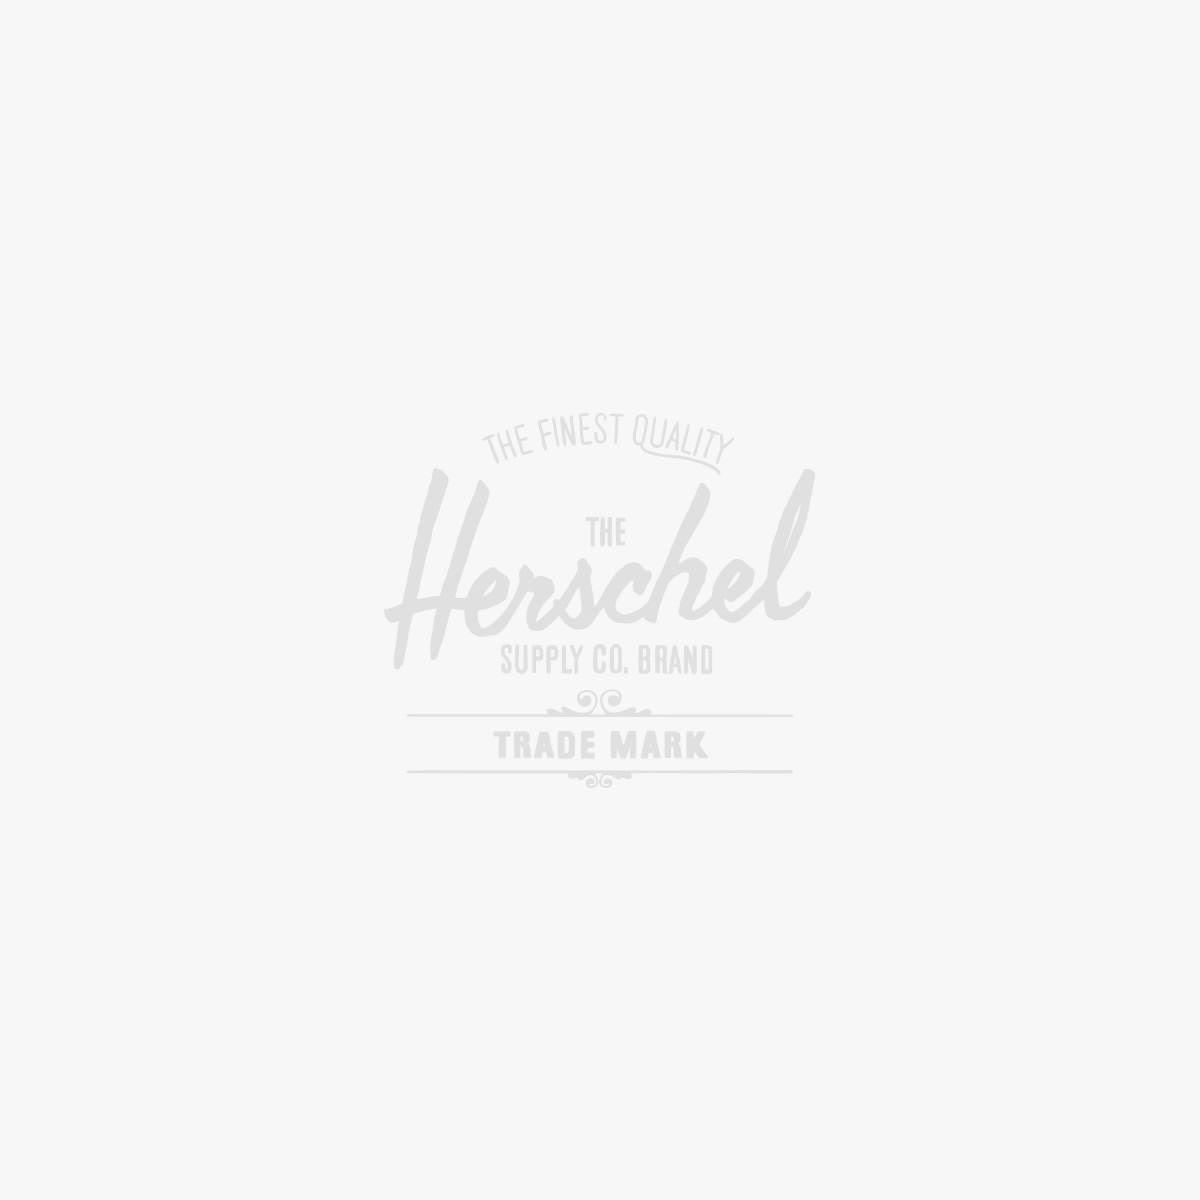 Deep Jacke Teal Coach Supply Herschel Xxs Co wfqvIR7g6